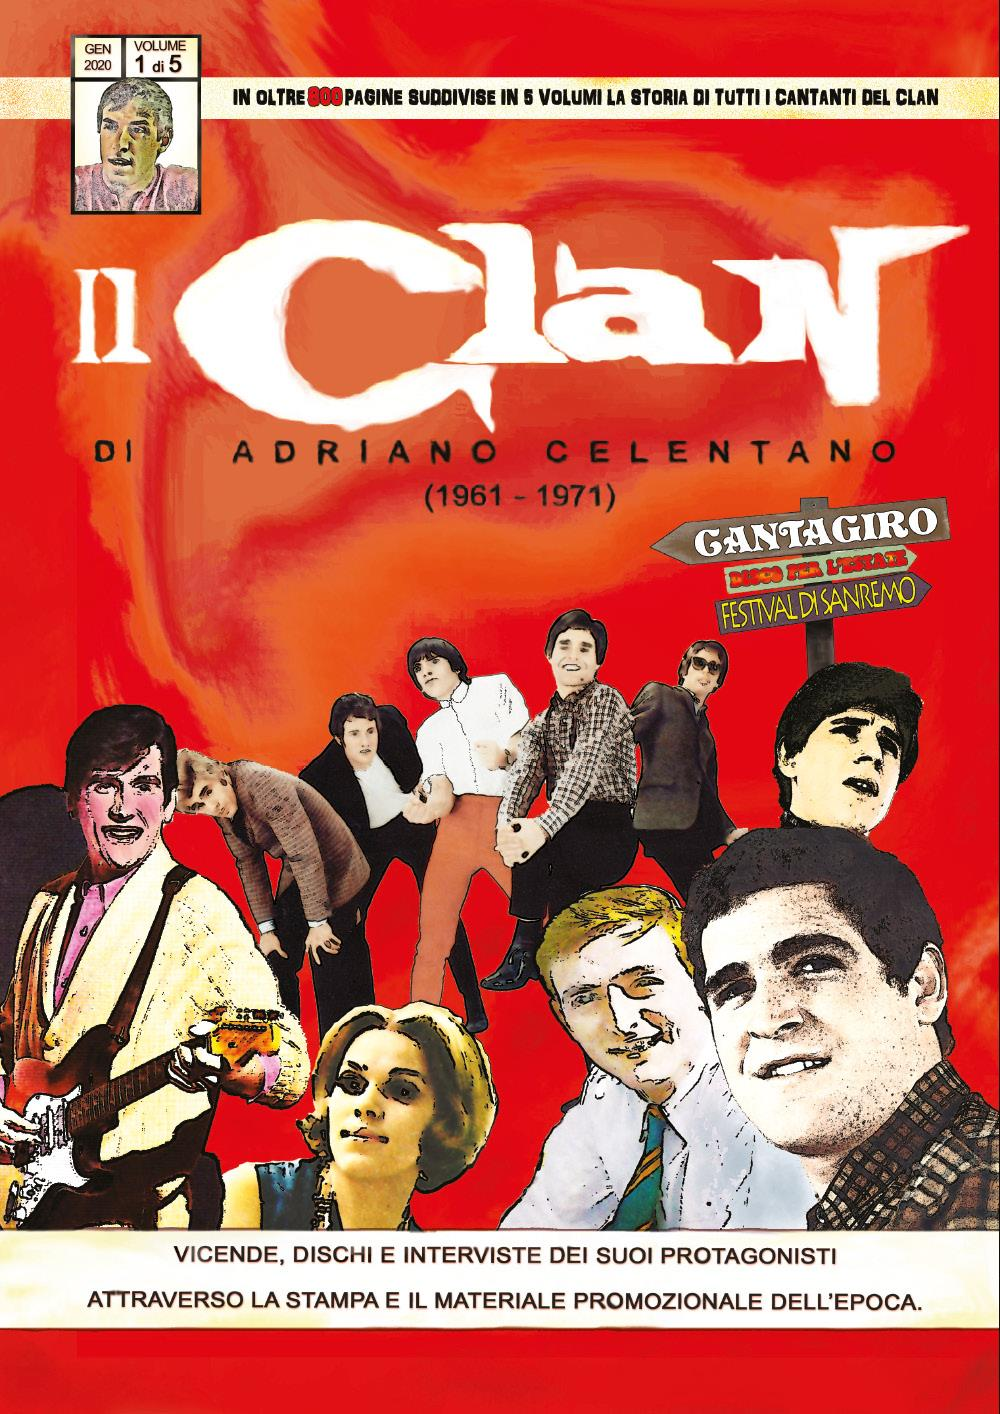 Il Clan di Adriano Celentano (1961 - 1971) Volume 1